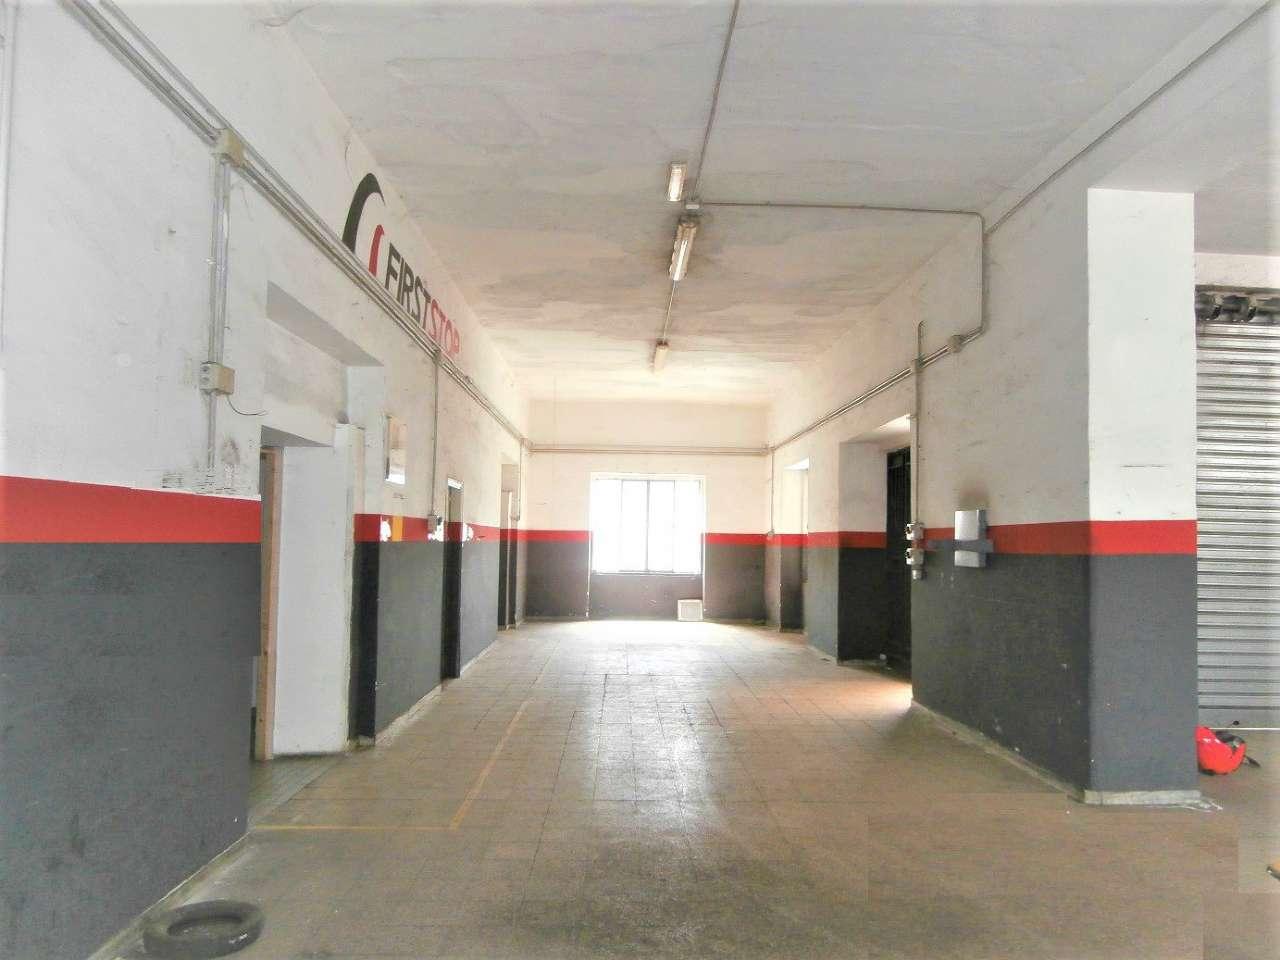 Laboratorio in affitto a Cava de' Tirreni, 1 locali, prezzo € 1.600 | CambioCasa.it